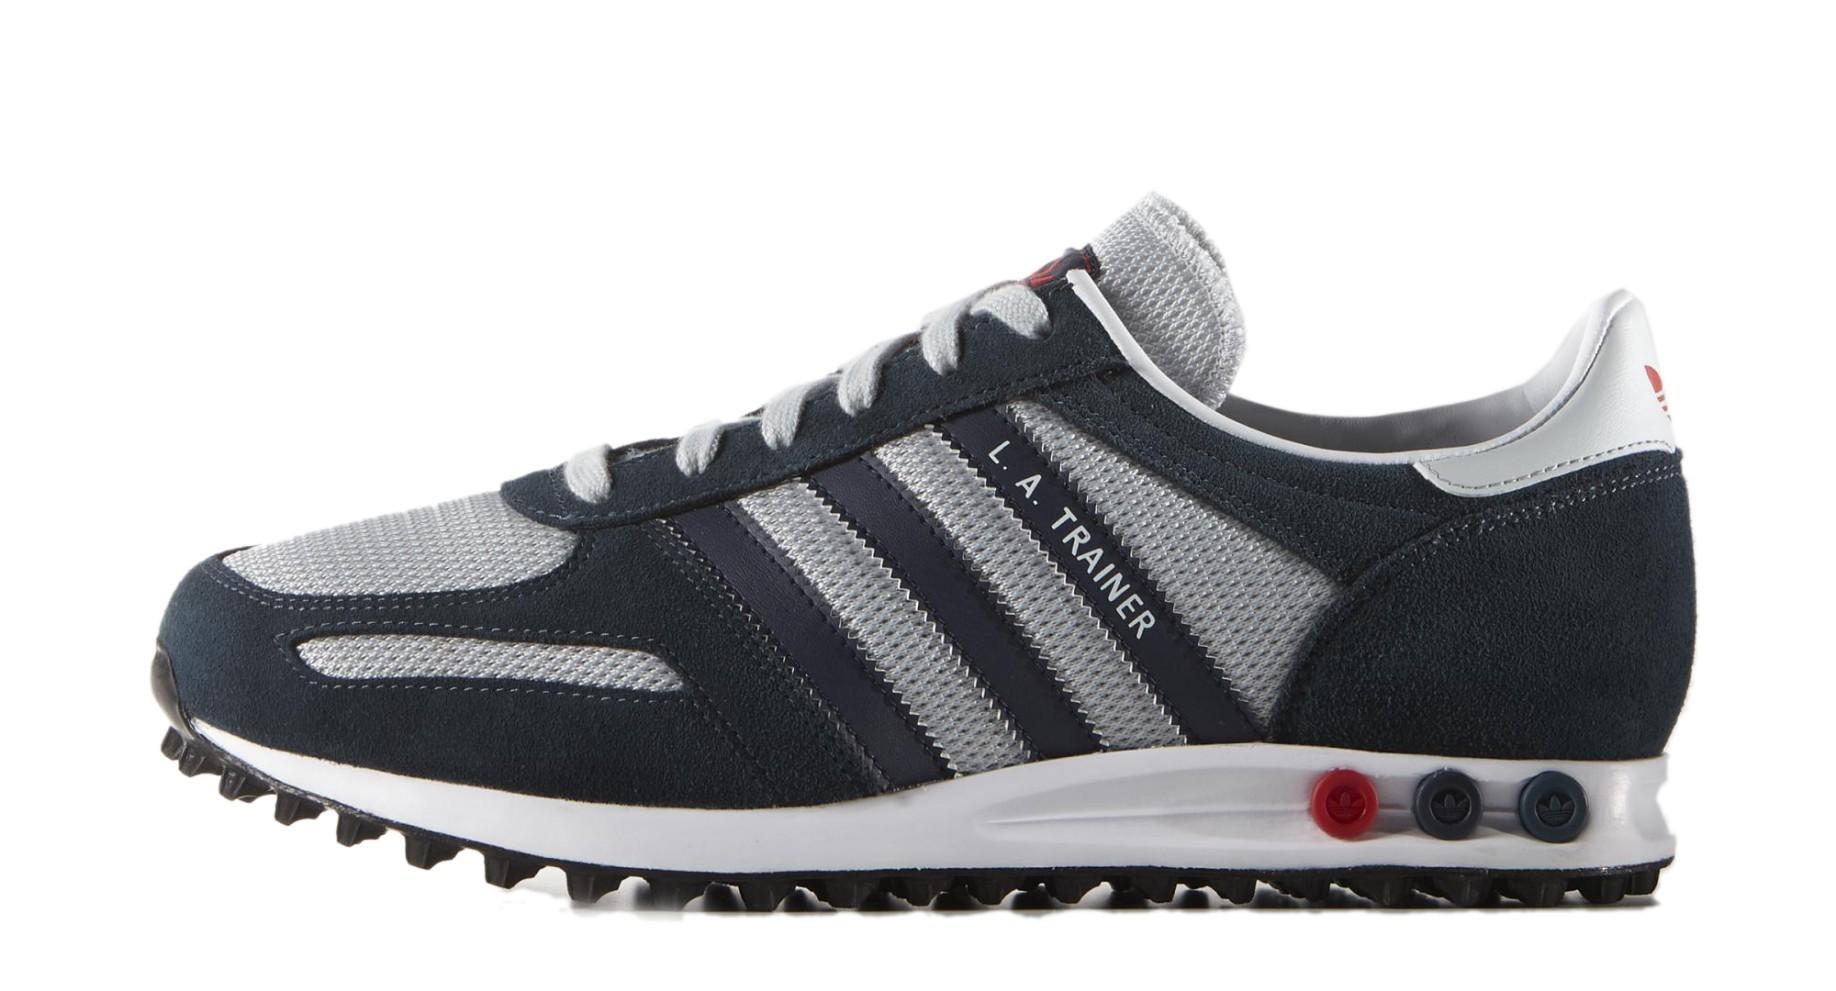 Adidas E Sconto Trainer 43 Scarpe Spedizione Reso Gt;fino G4apwb Al Di CrxdeBo